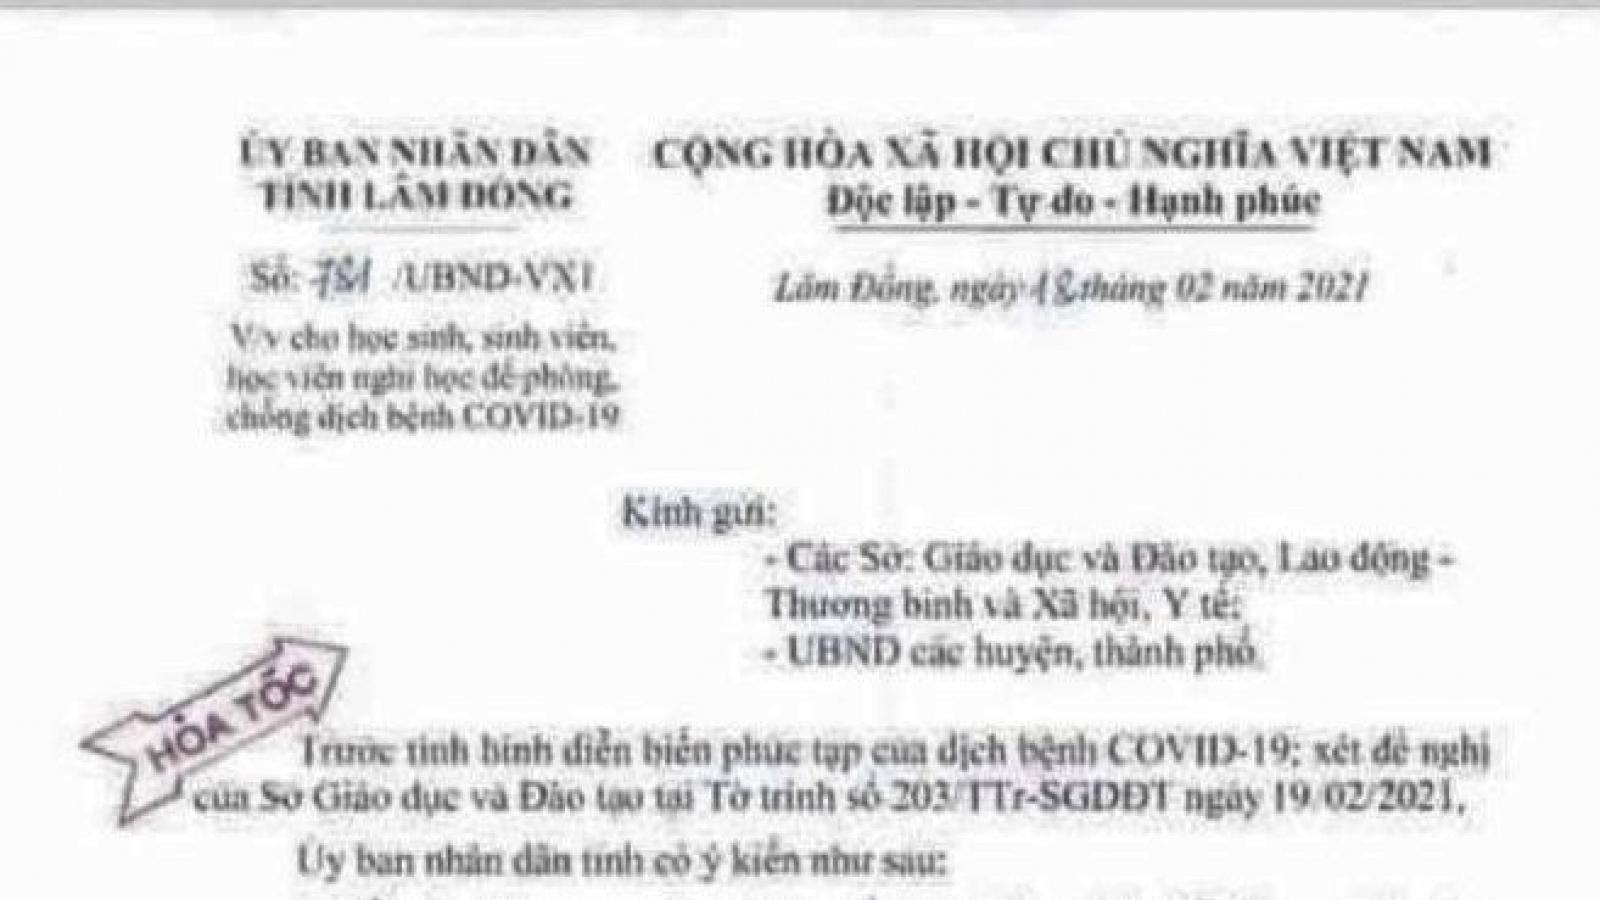 Thông báo khẩn về giả mạo văn bản của Chủ tịch tỉnh Lâm Đồng cho học sinh nghỉ học